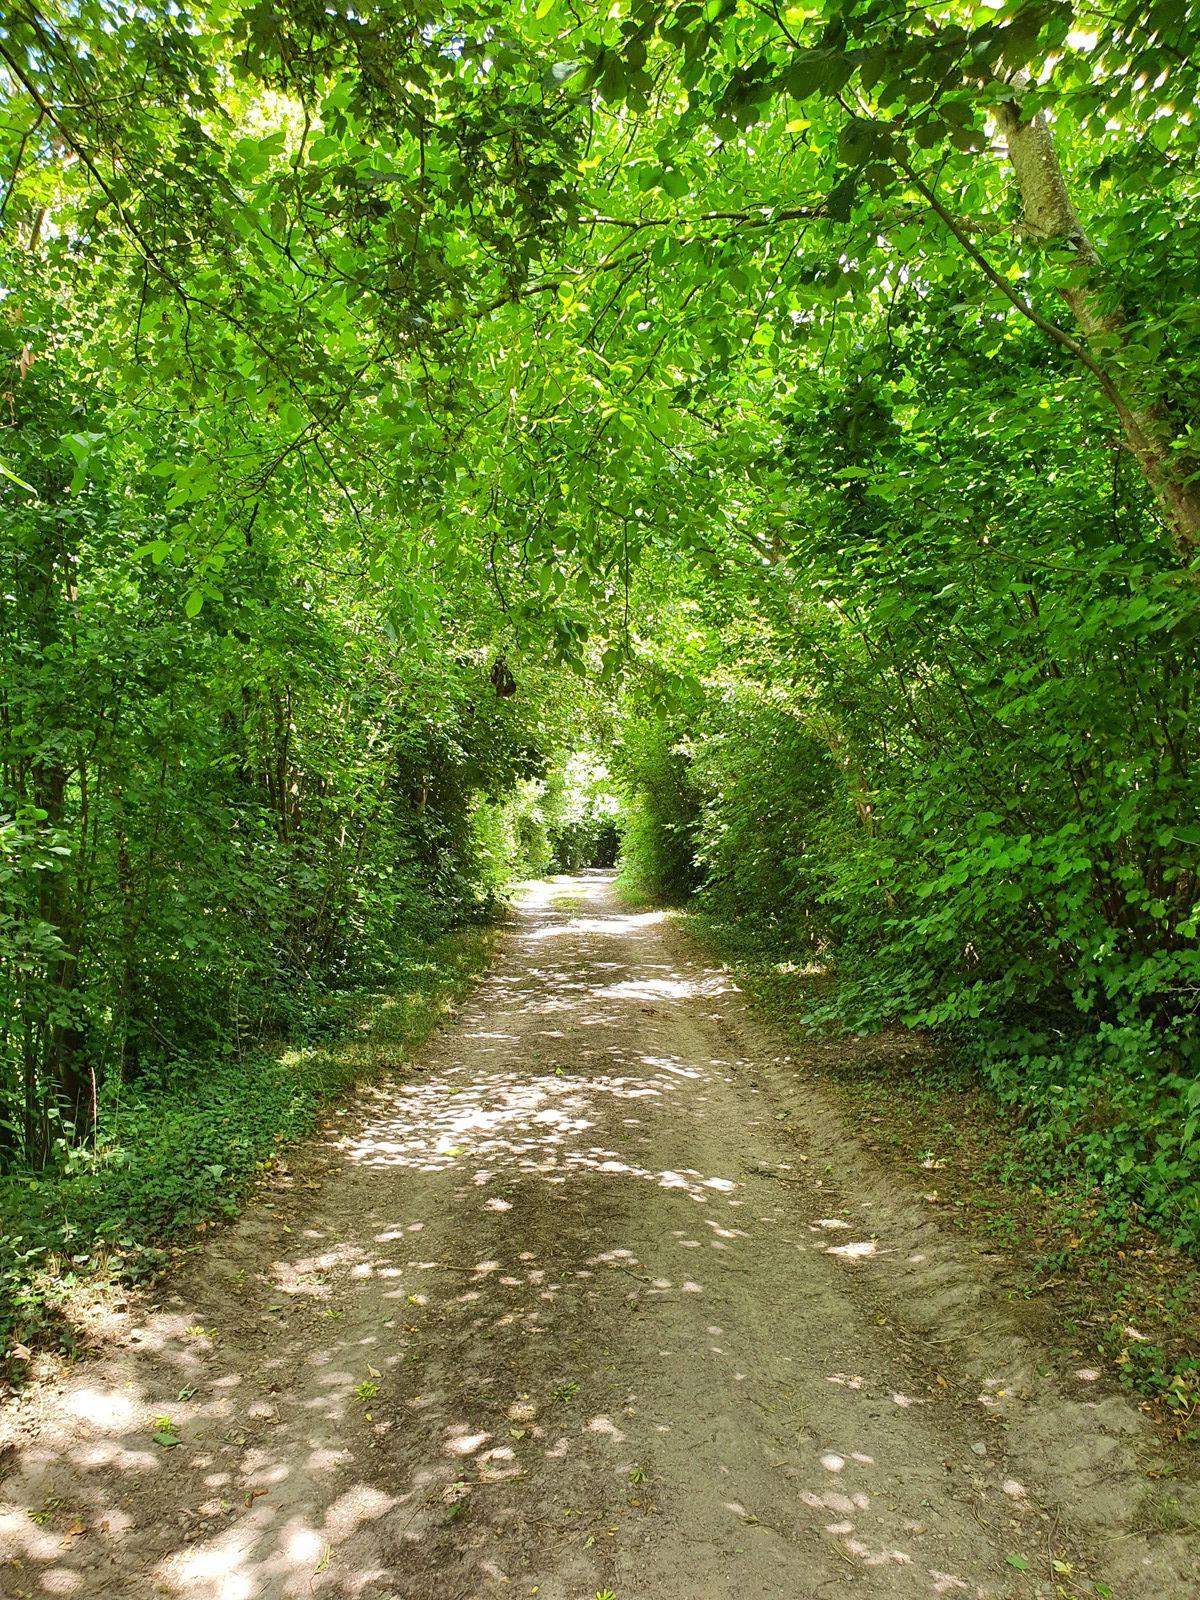 07 juillet 2020 - La Via Francigena de Péronne à Trefcon